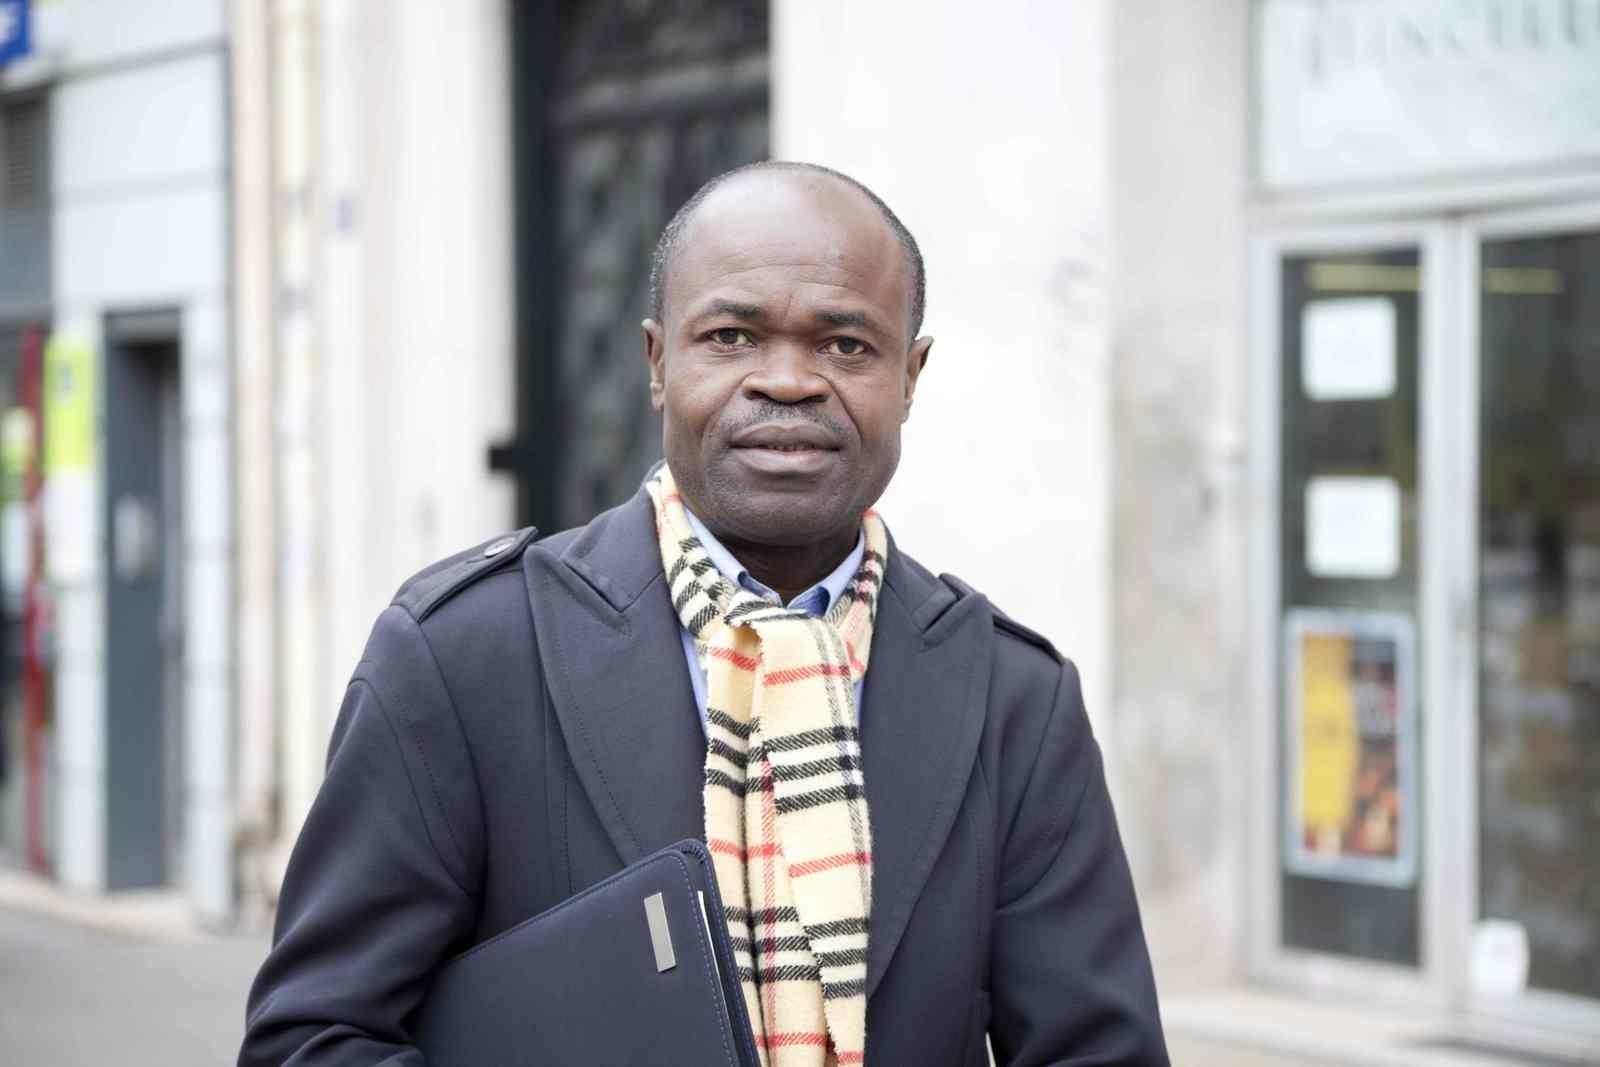 A partir du 14 août 2016, le dictateur Sassou doit dégager de la tête Congo Brazzaville [vidéo]